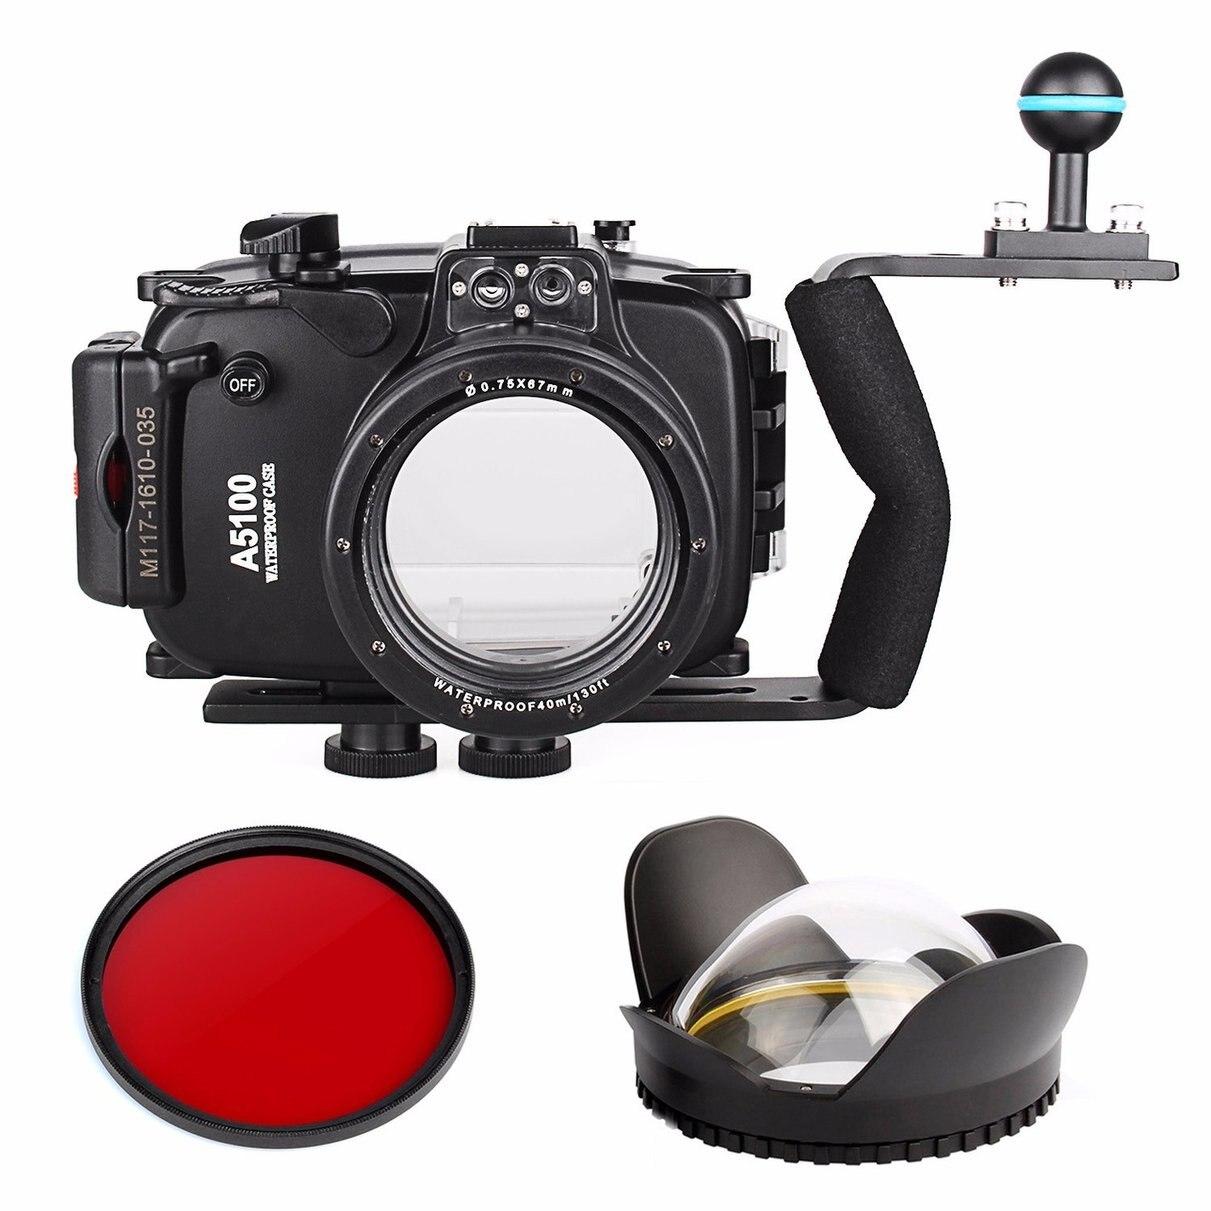 40 m 130ft Waterproof Underwater Camera Housing Case Bag para Sony A5100 16-50mm Lente de Mergulho + lidar com lente olho de peixe + + Filtro Vermelho